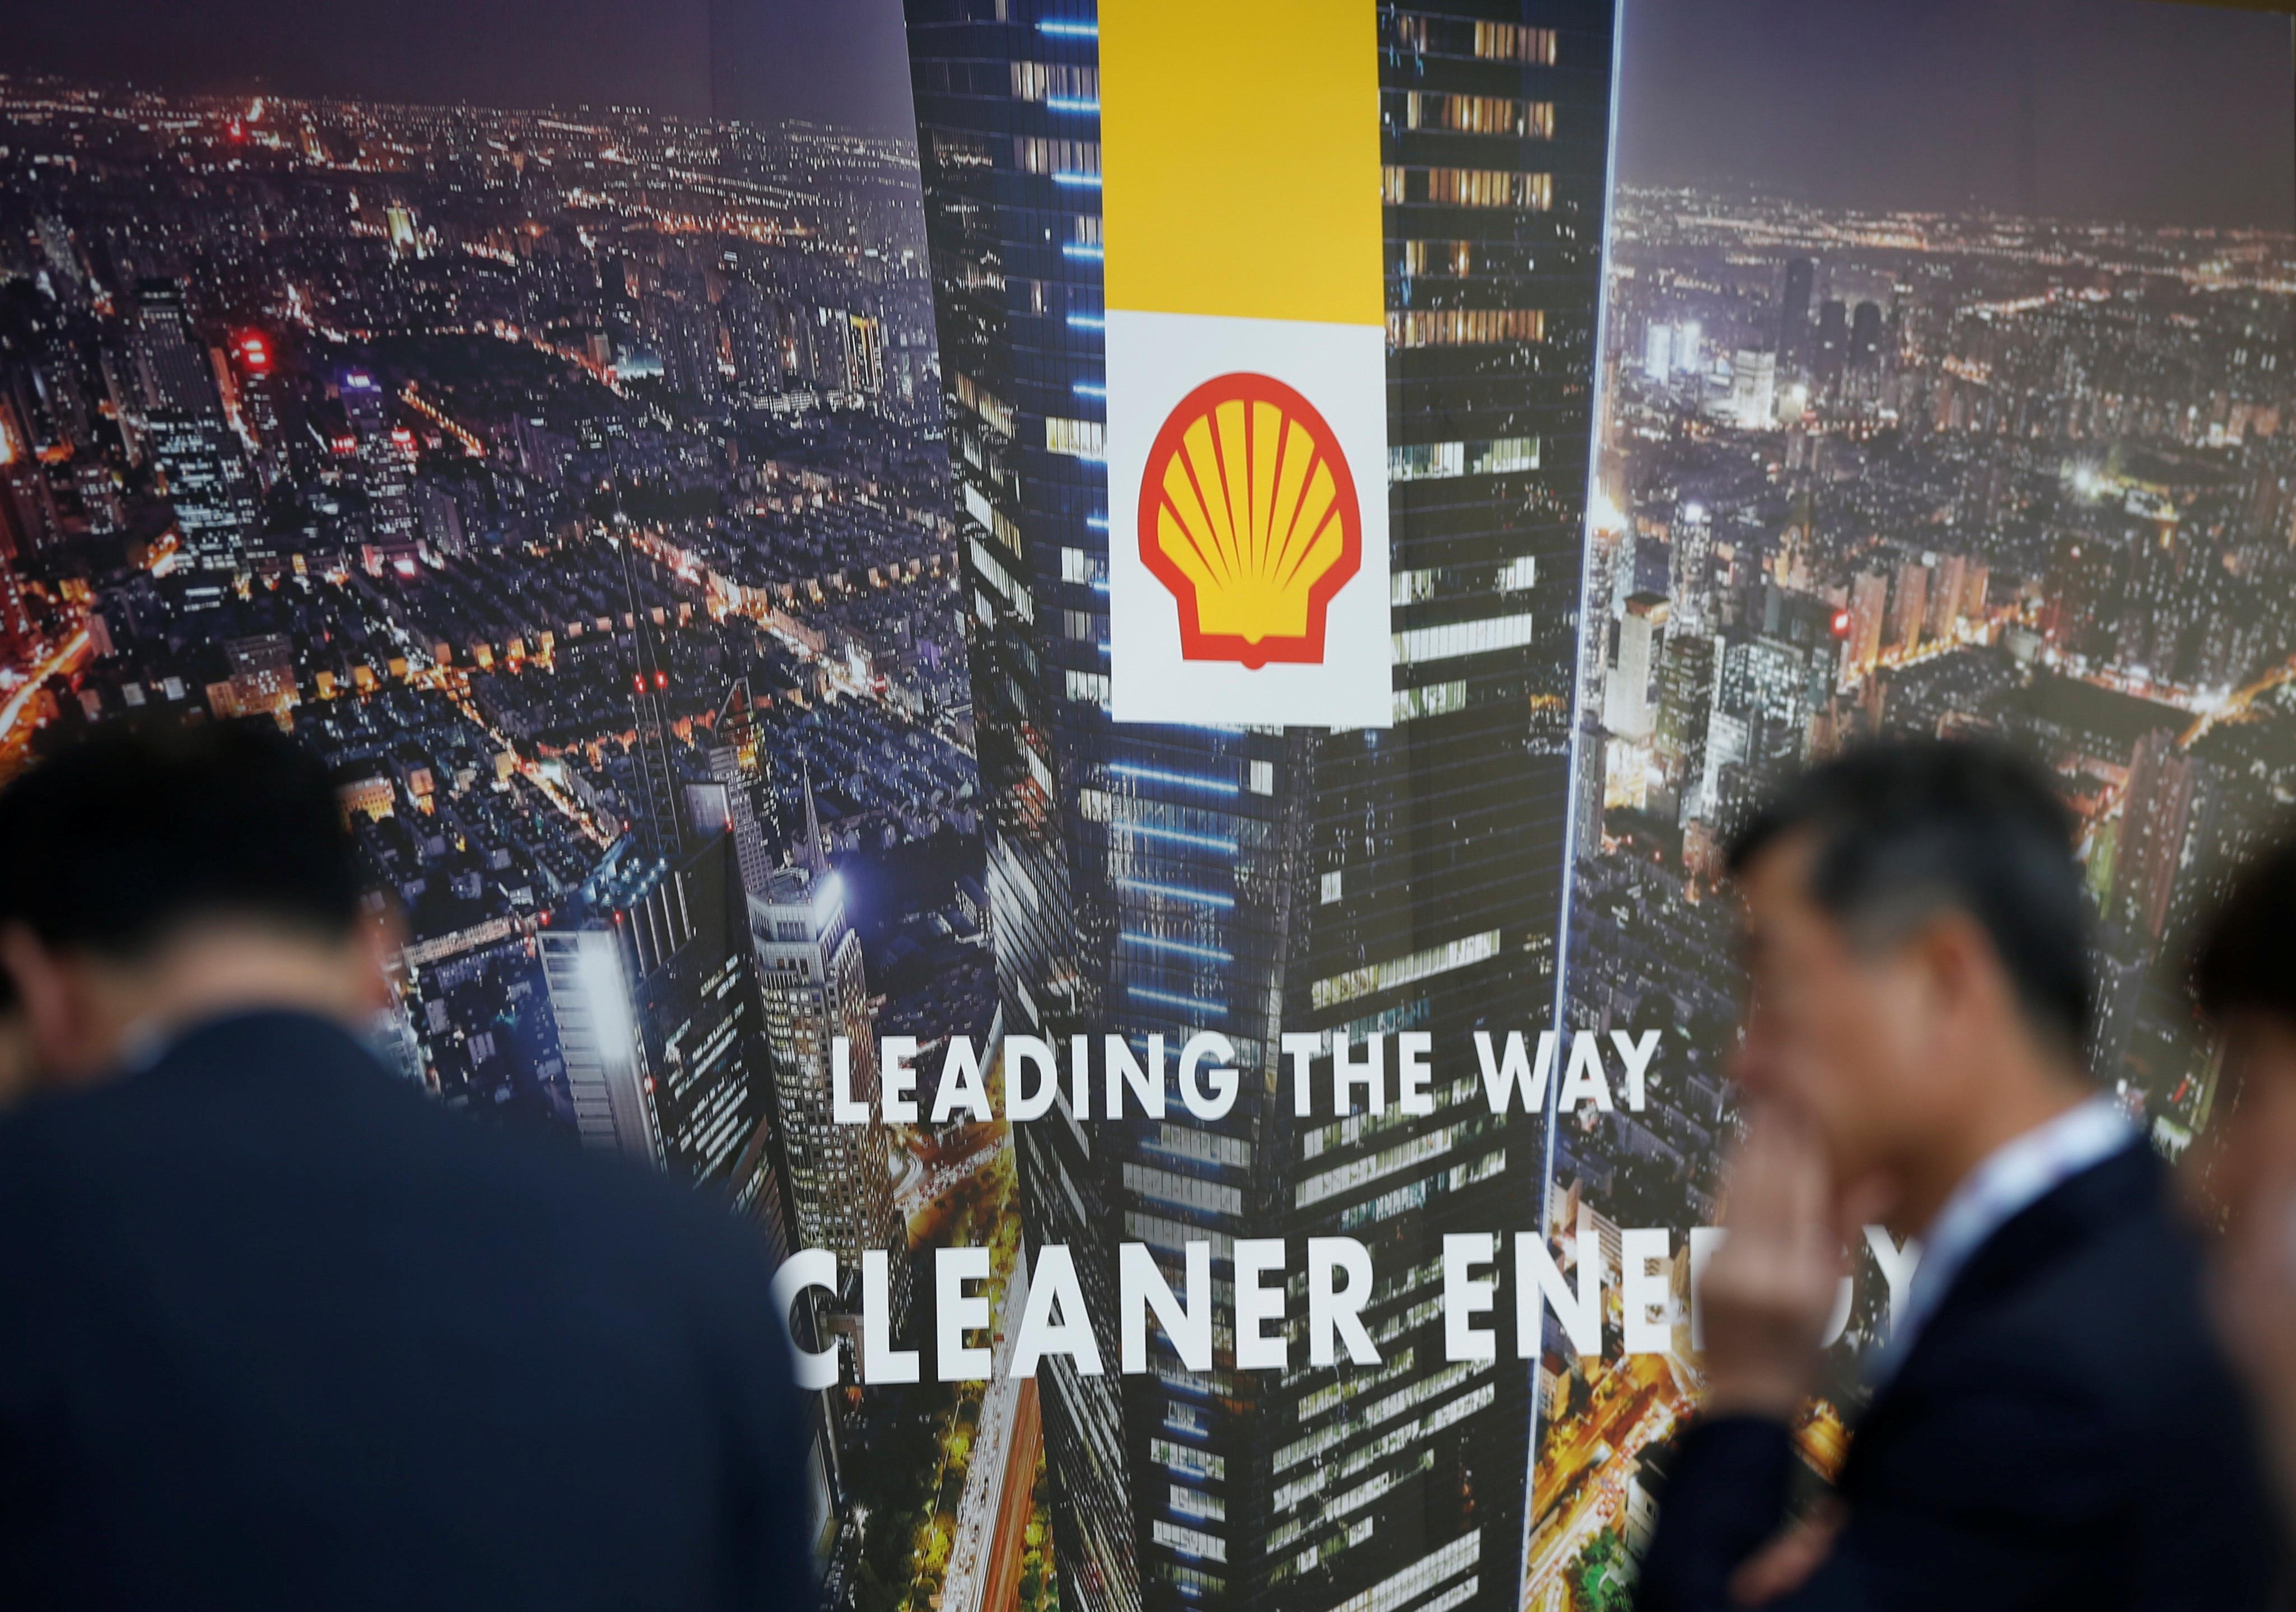 shell-gastech-japon-chiba-plus-grand-salon-mondial-de-l-industrie-du-gaz-et-du-petrole